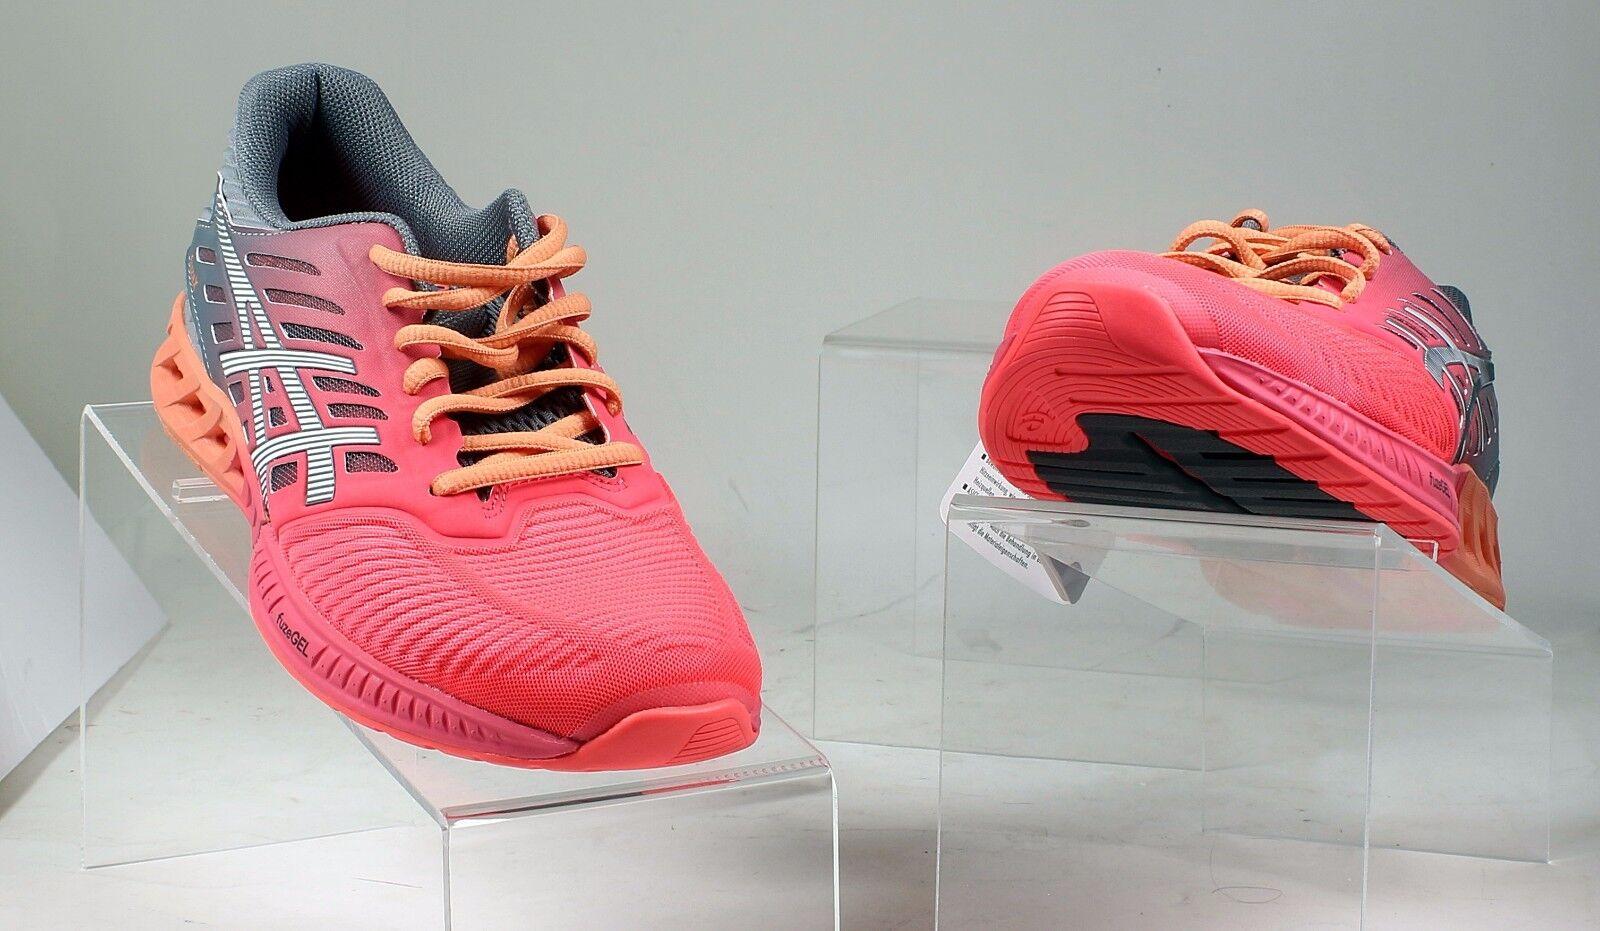 Asics Asics Asics de mujer fuzex Running zapatos Diva rosado blancoo Carbono ejecutar capacitación  aquí tiene la última